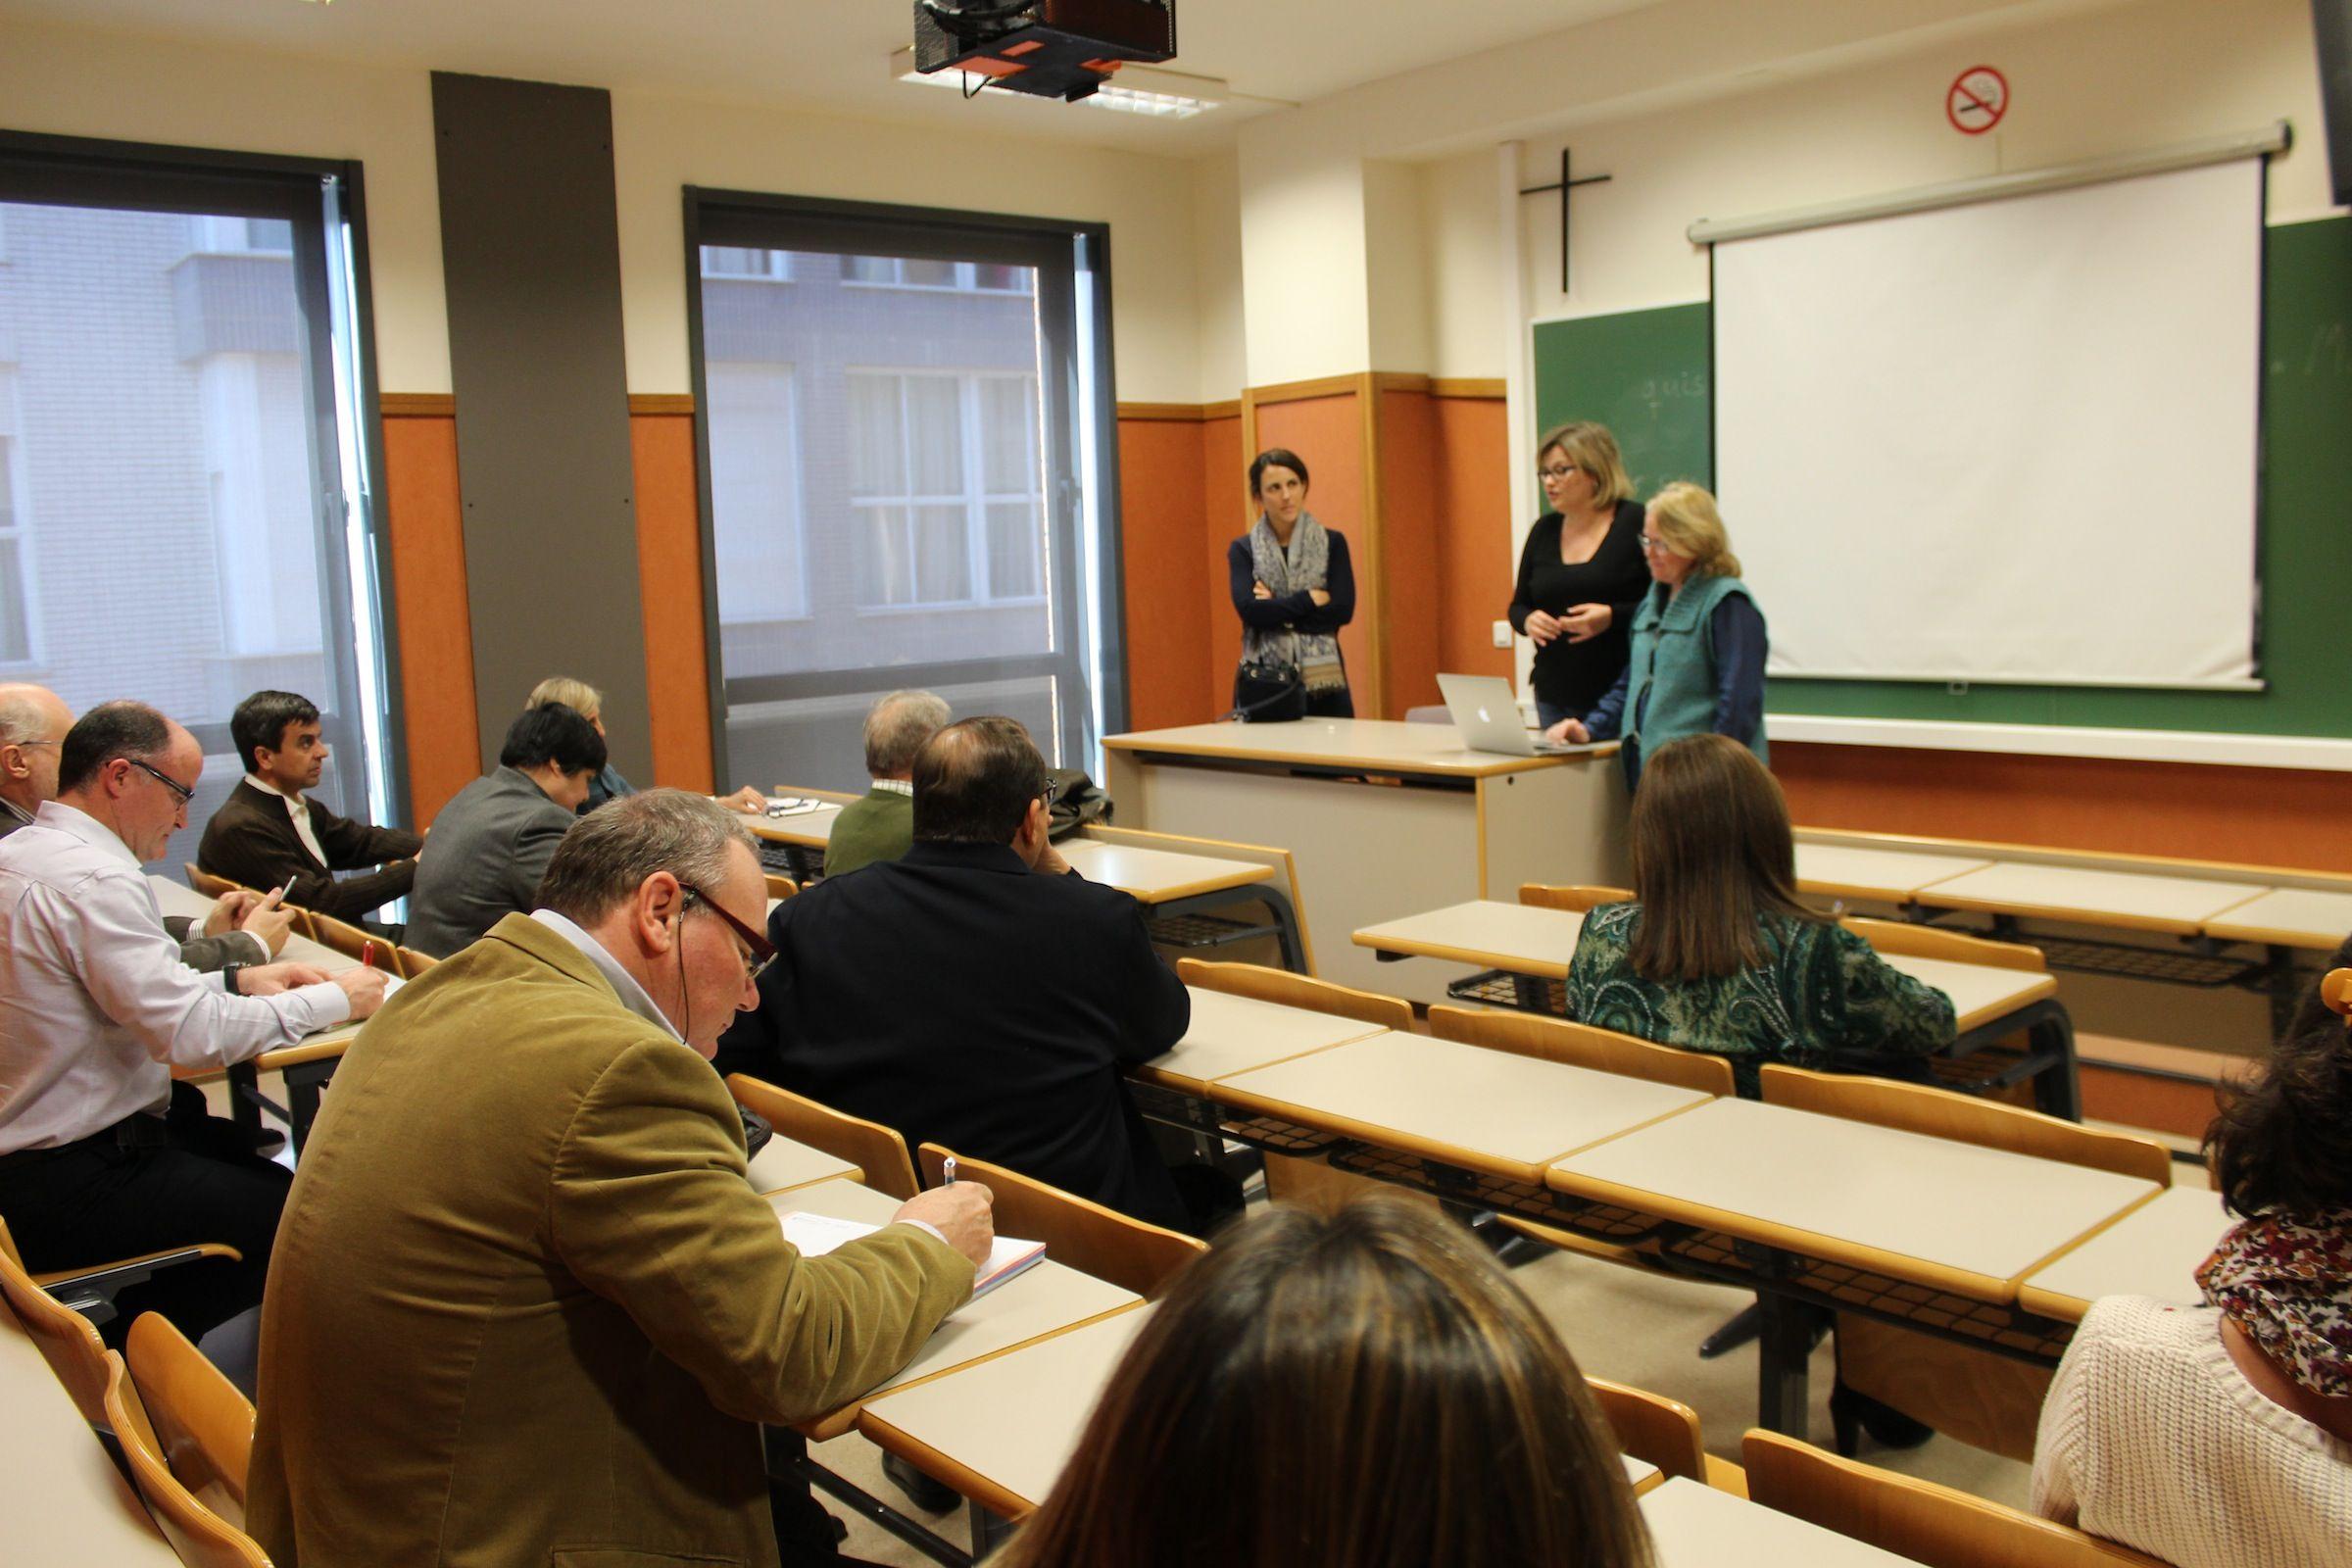 presentacion-citec-ceindo-ceu-uch-2